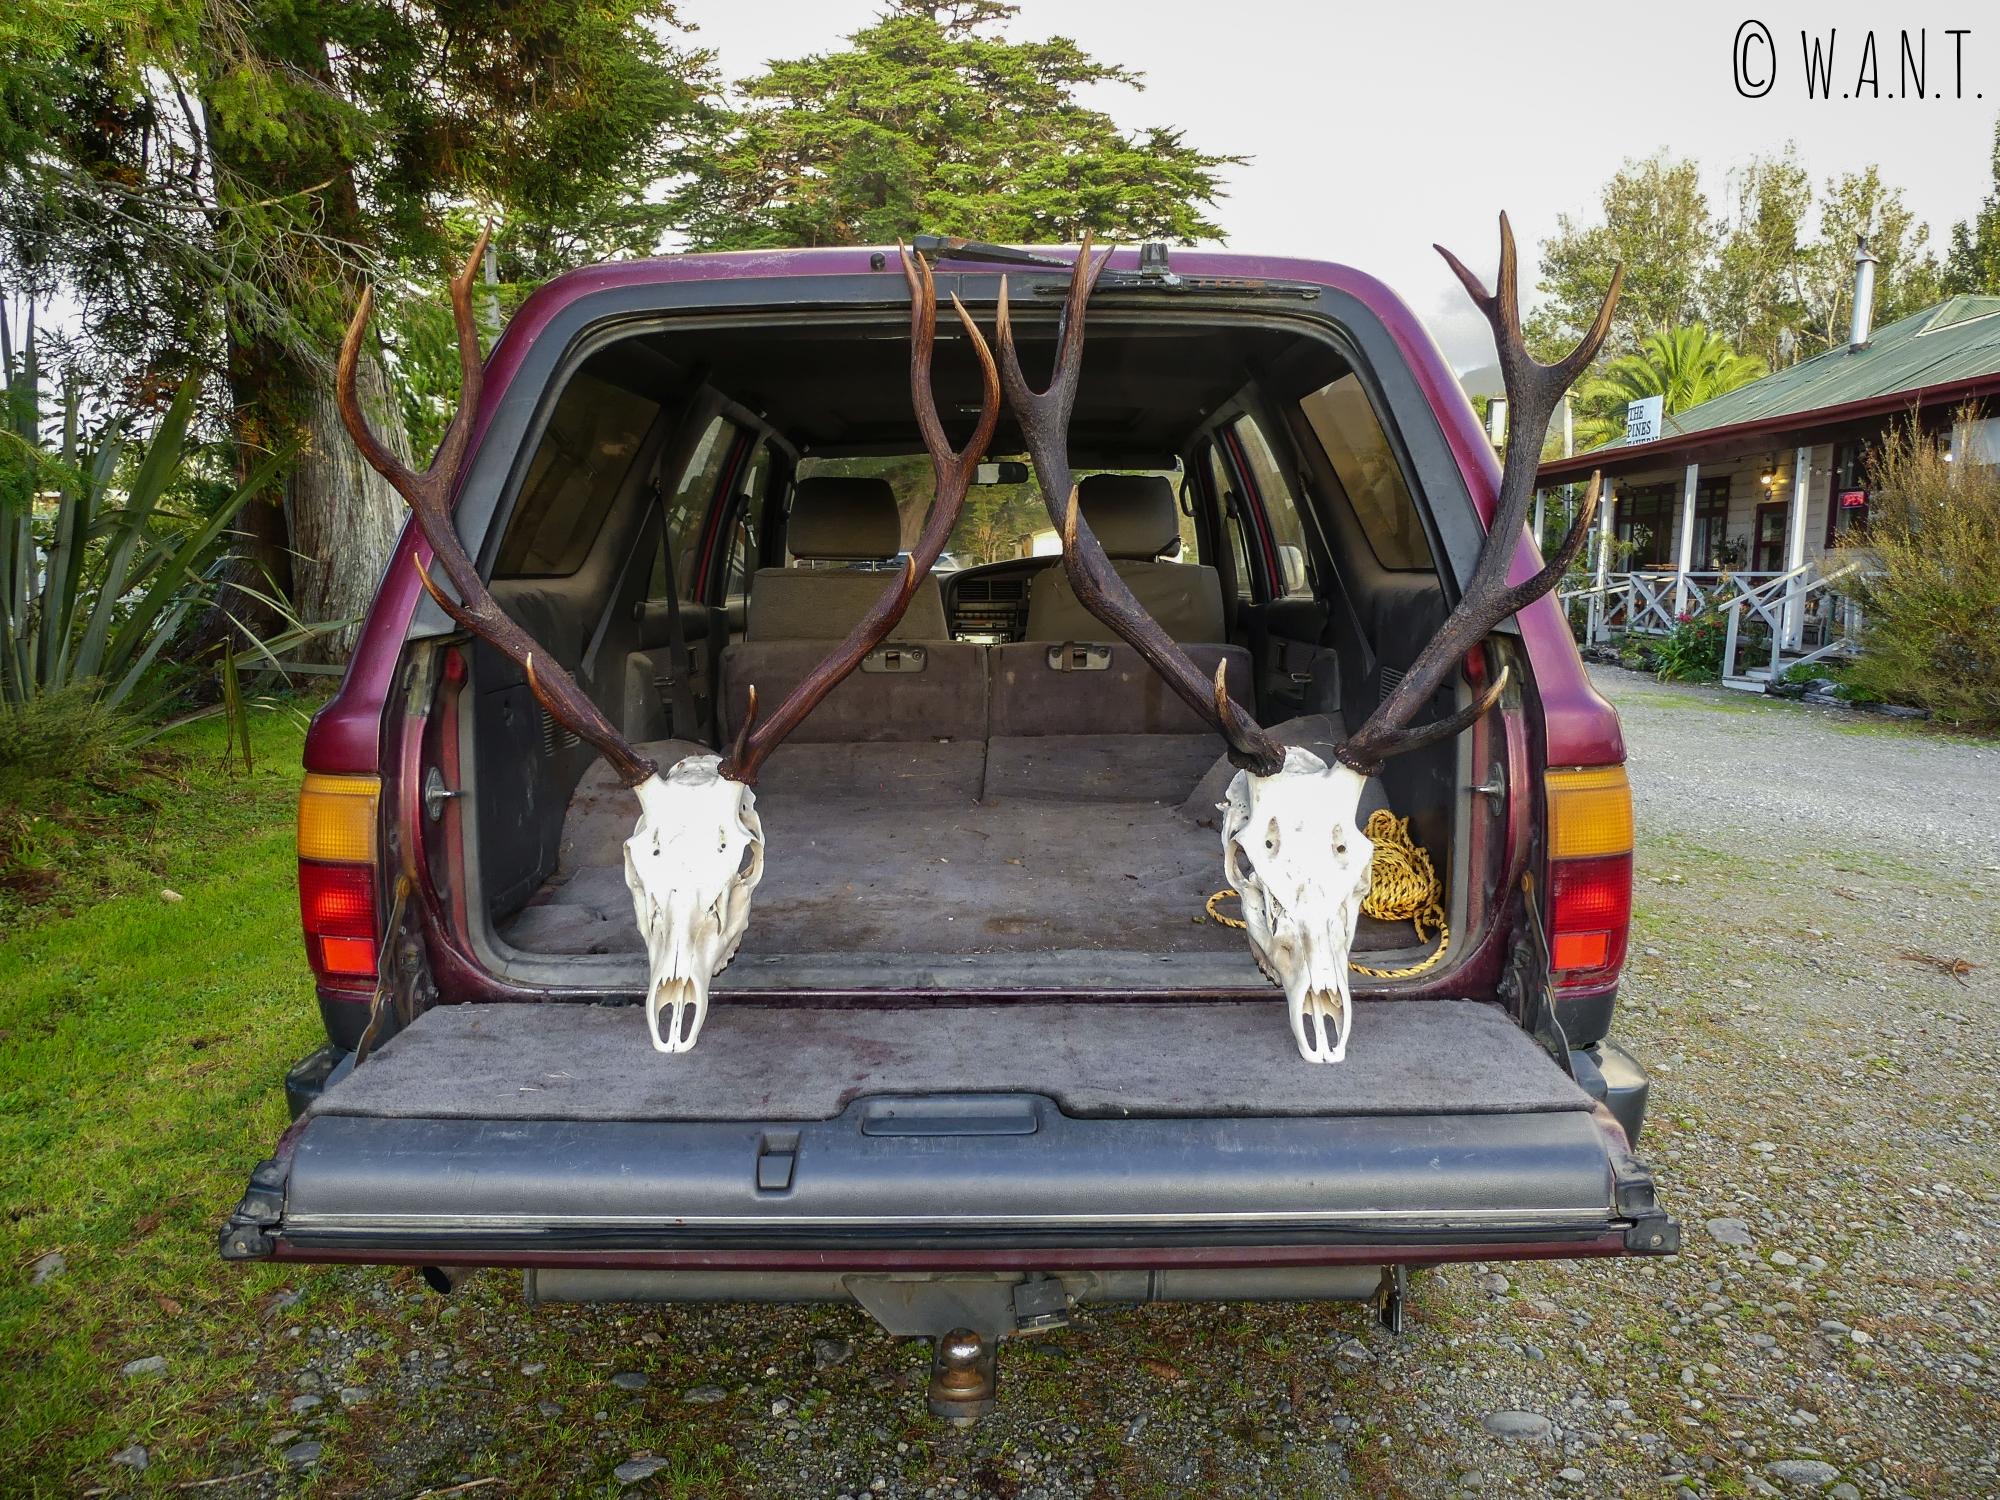 Rencontre avec Greg, un chasseur et habitant de Wesport en Nouvelle-Zélande